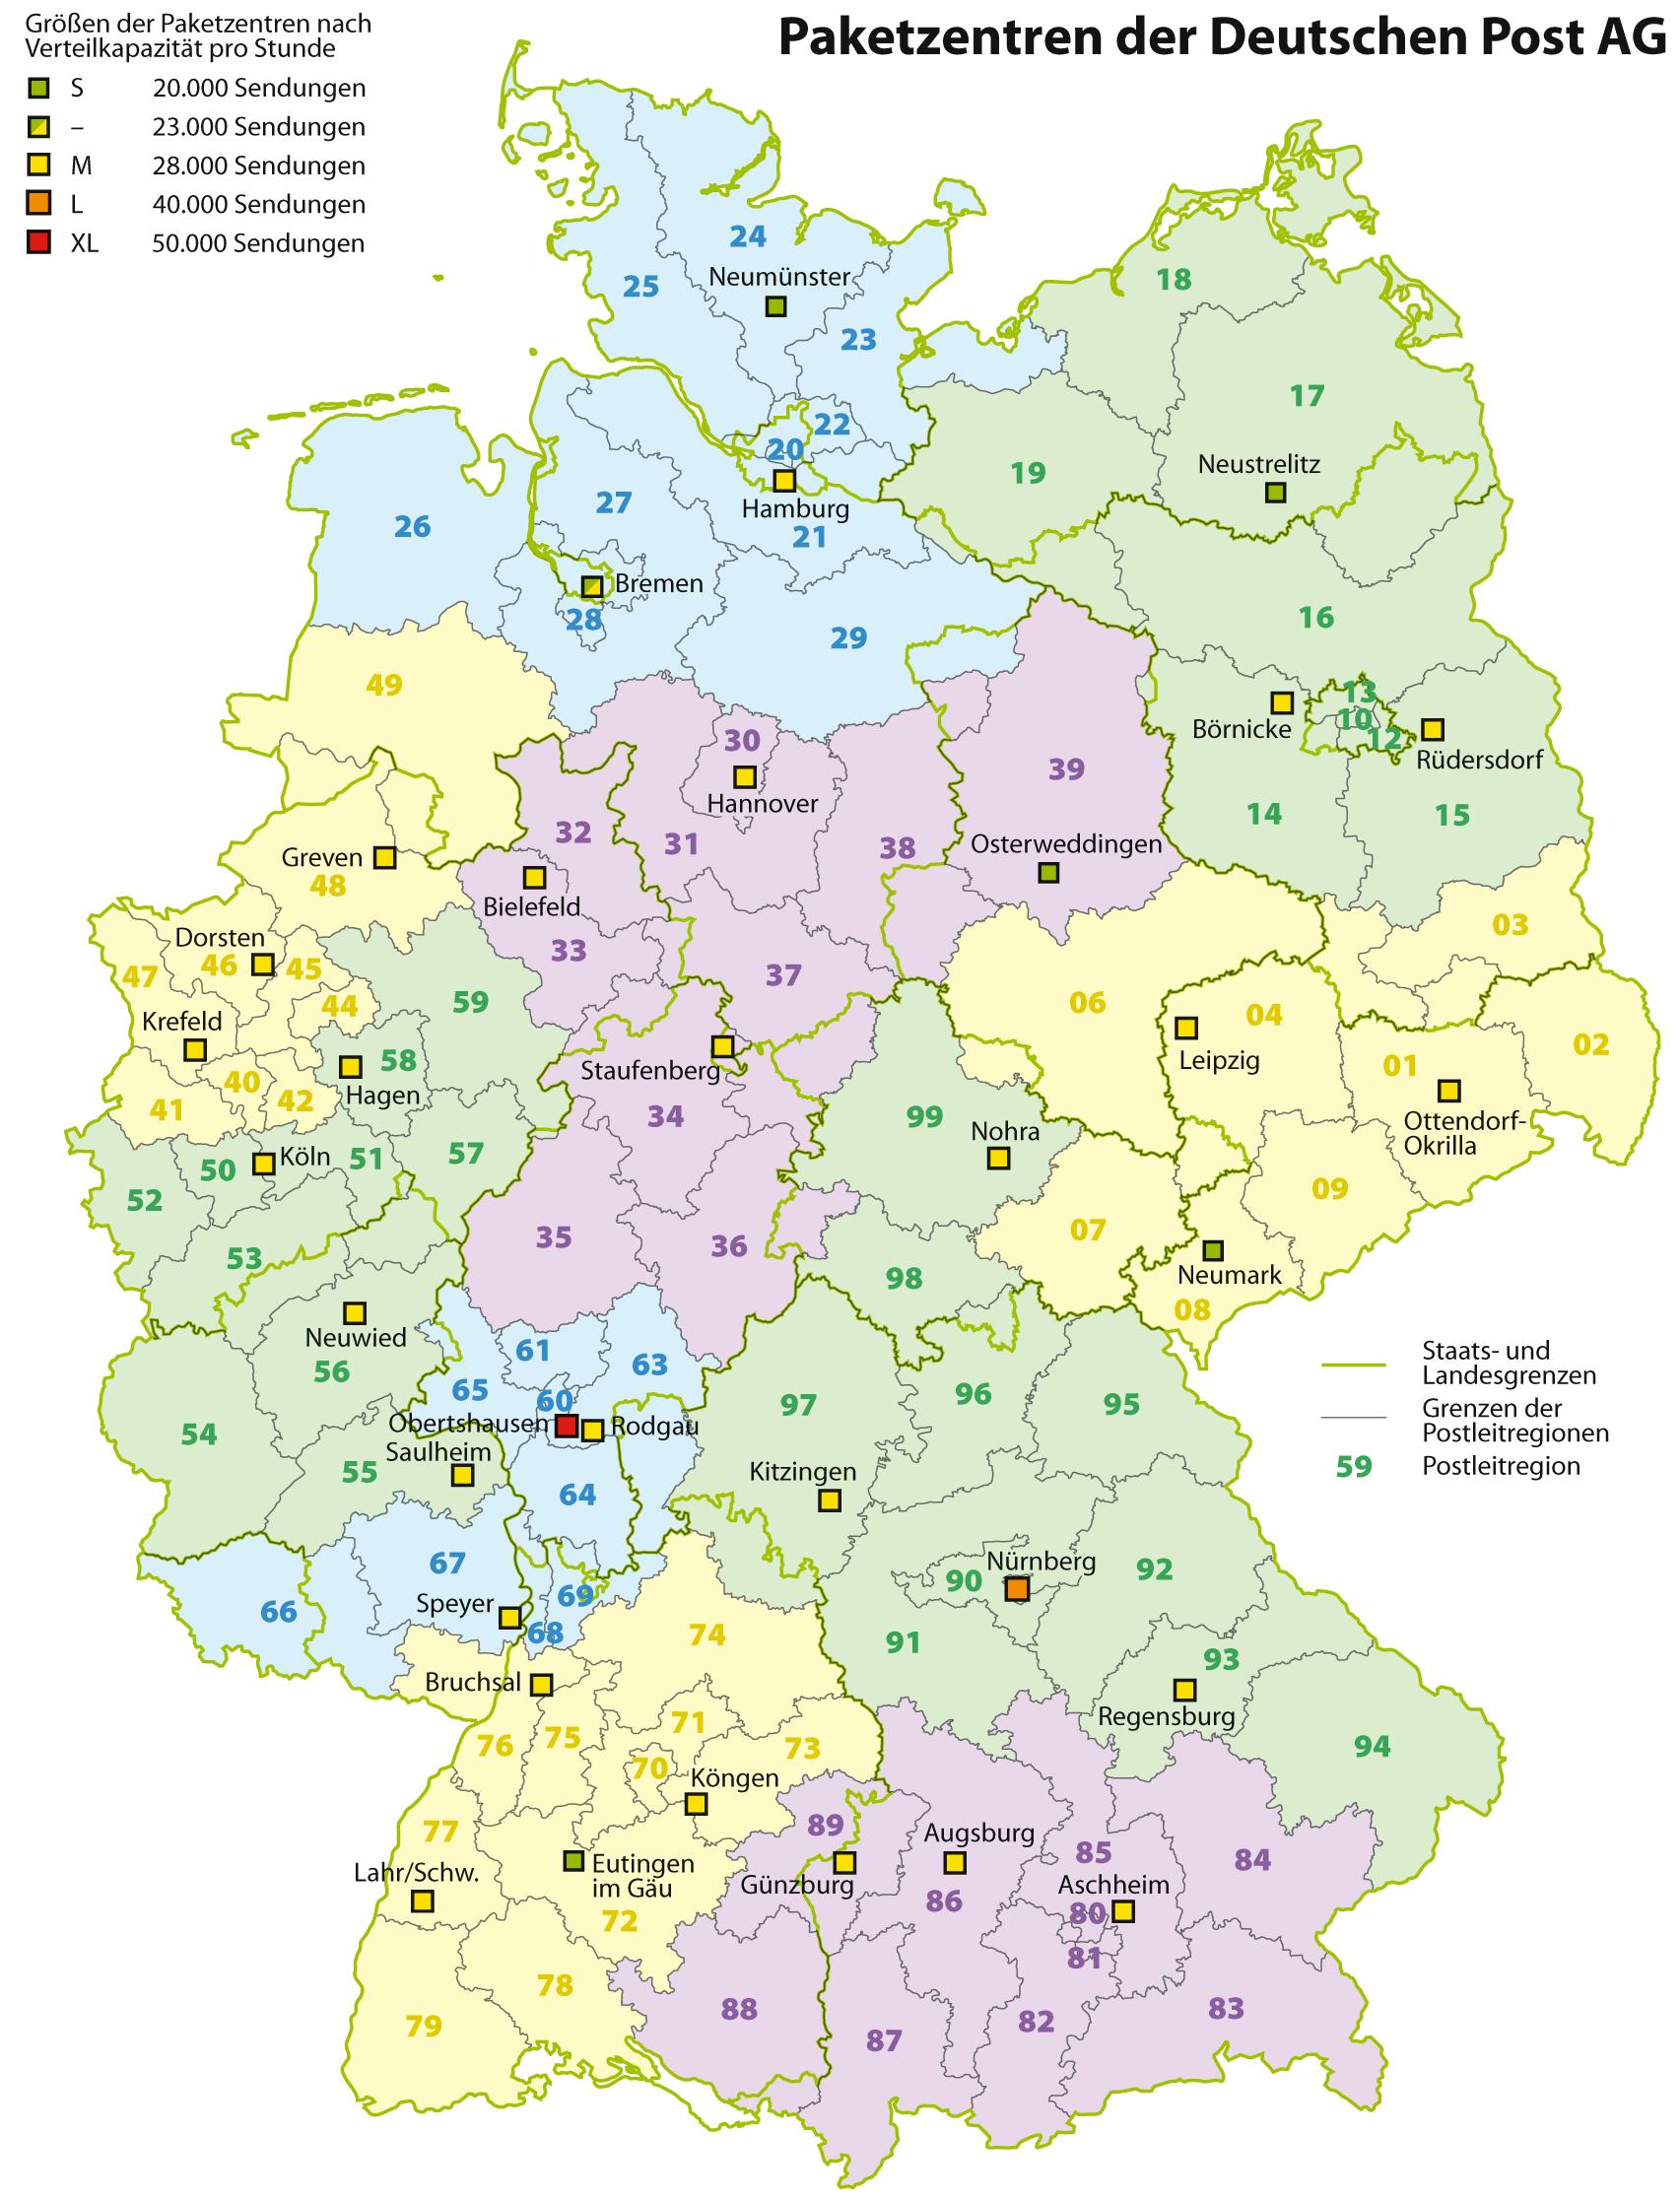 deutschland karte kostenlos Plz Karte Deutschland Kostenlos | Karte deutschland, Plz karte